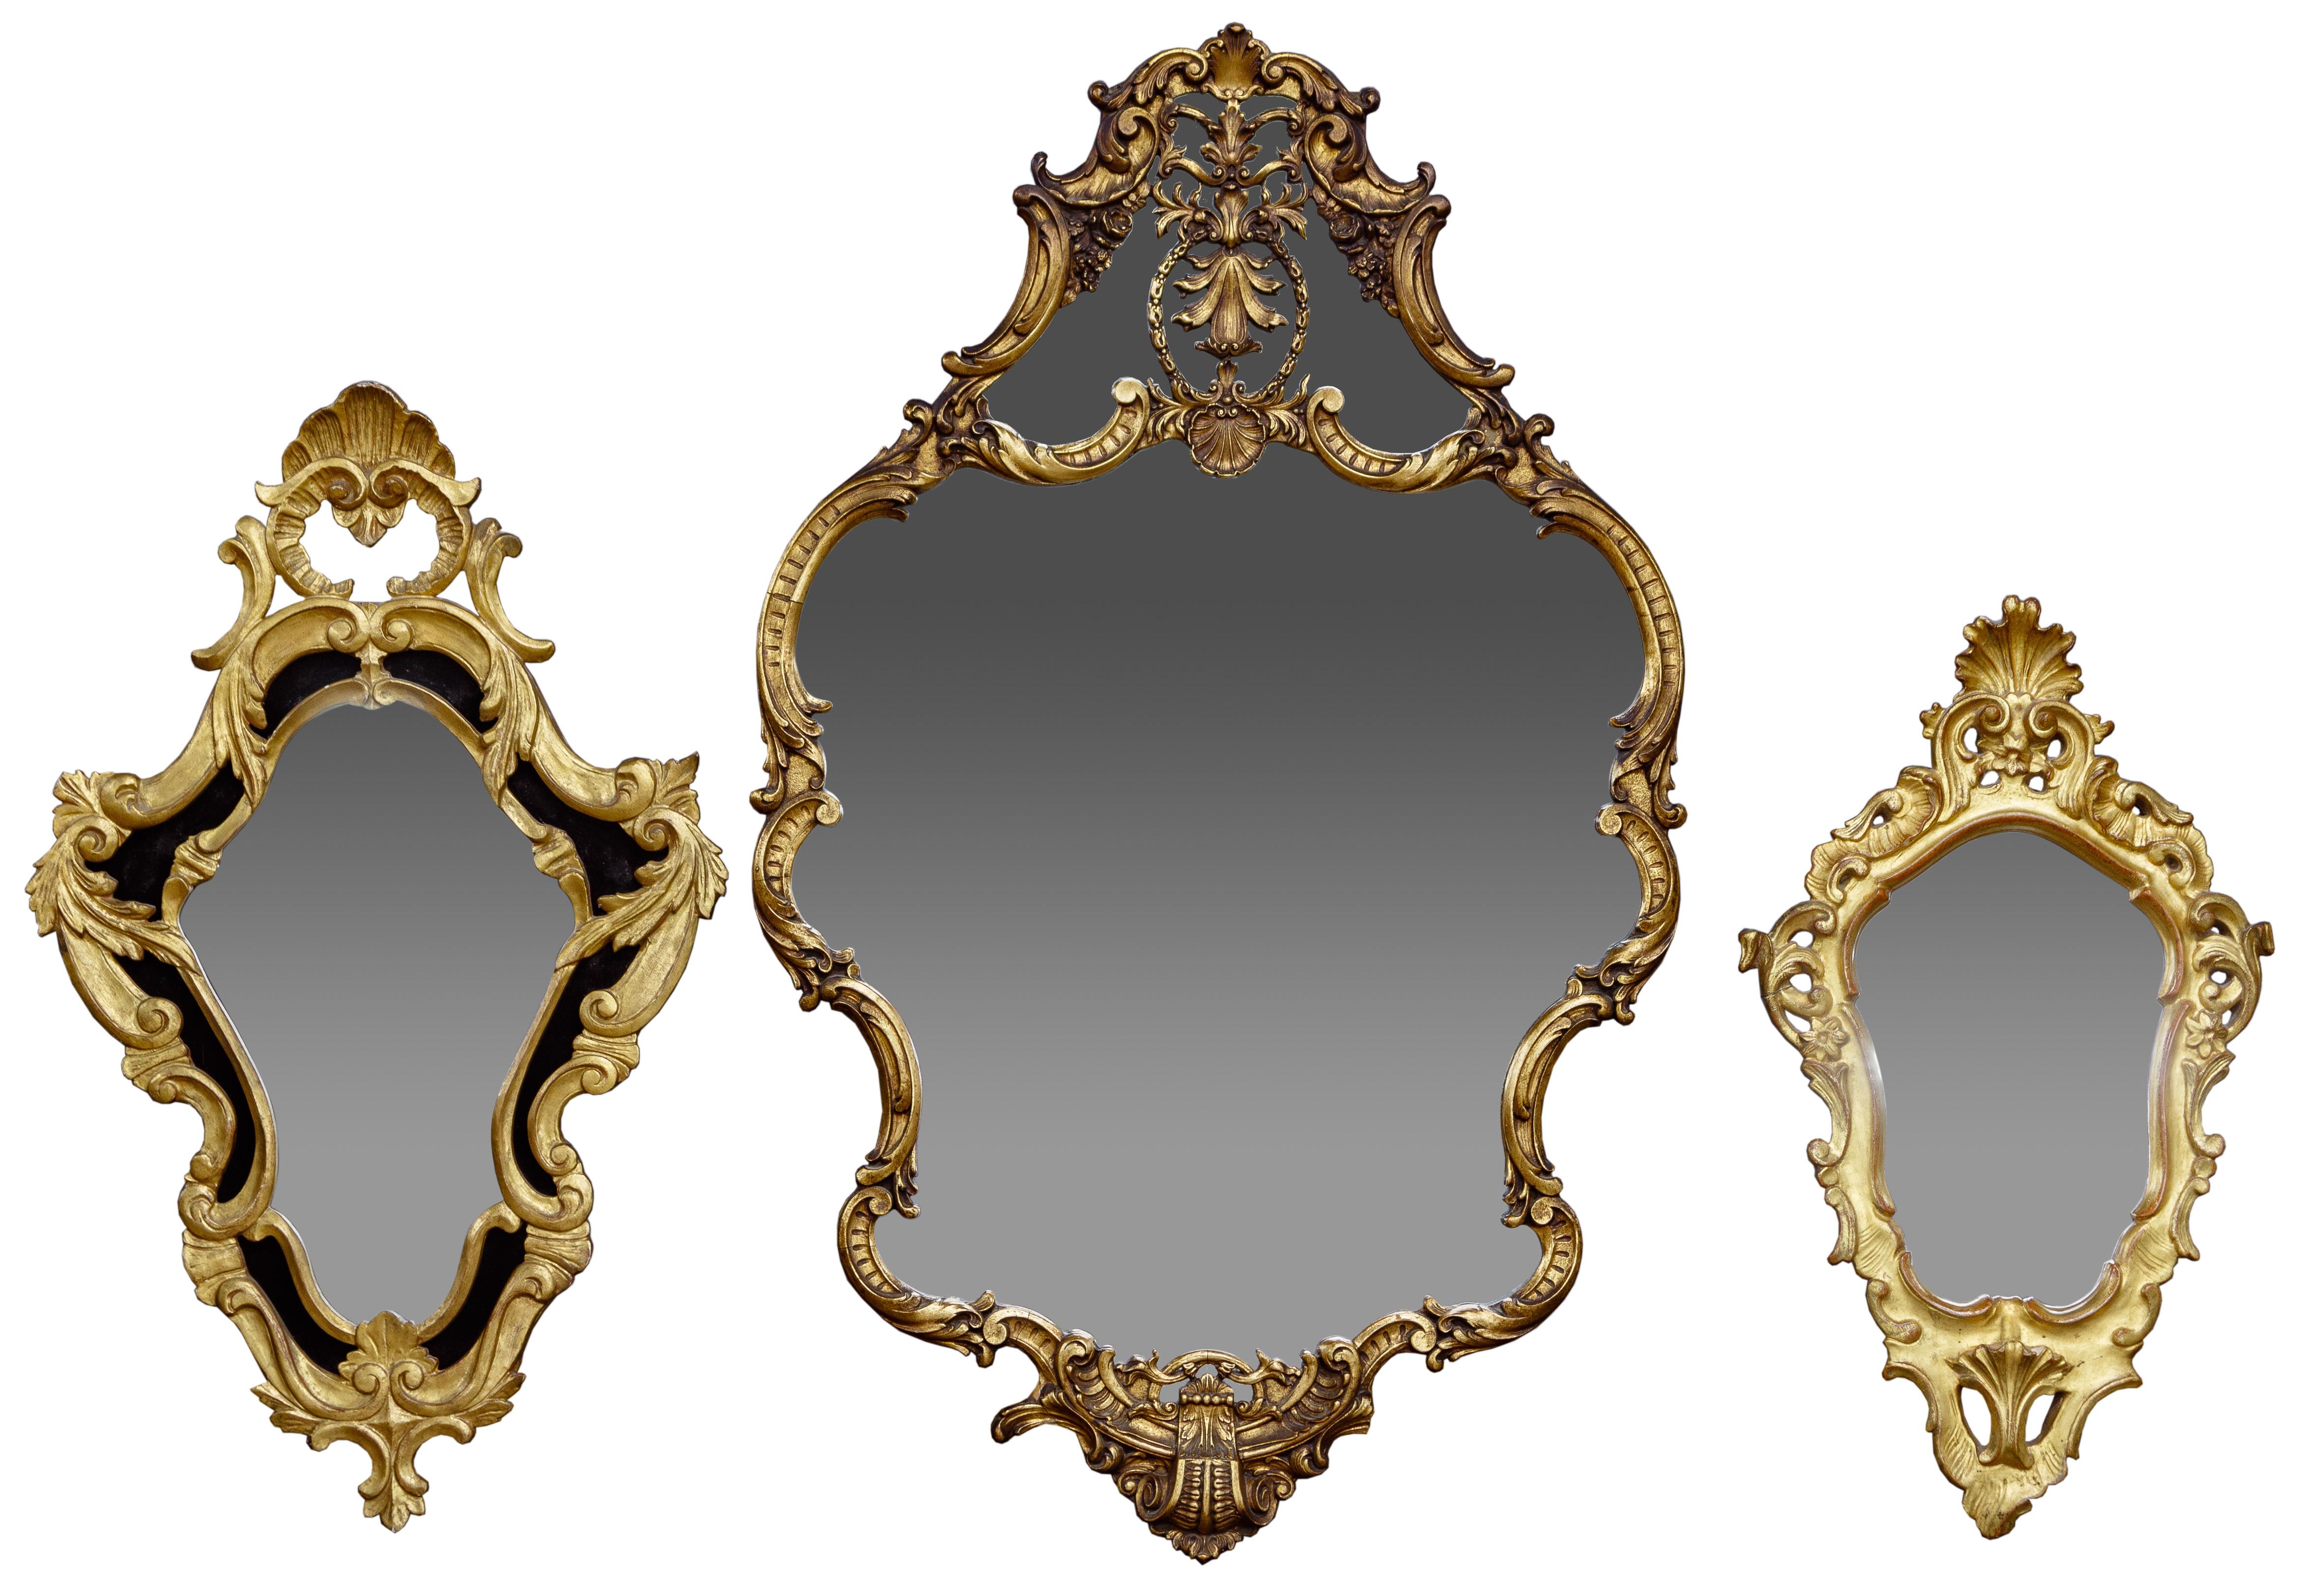 Ornate Wall Mirror Assortment